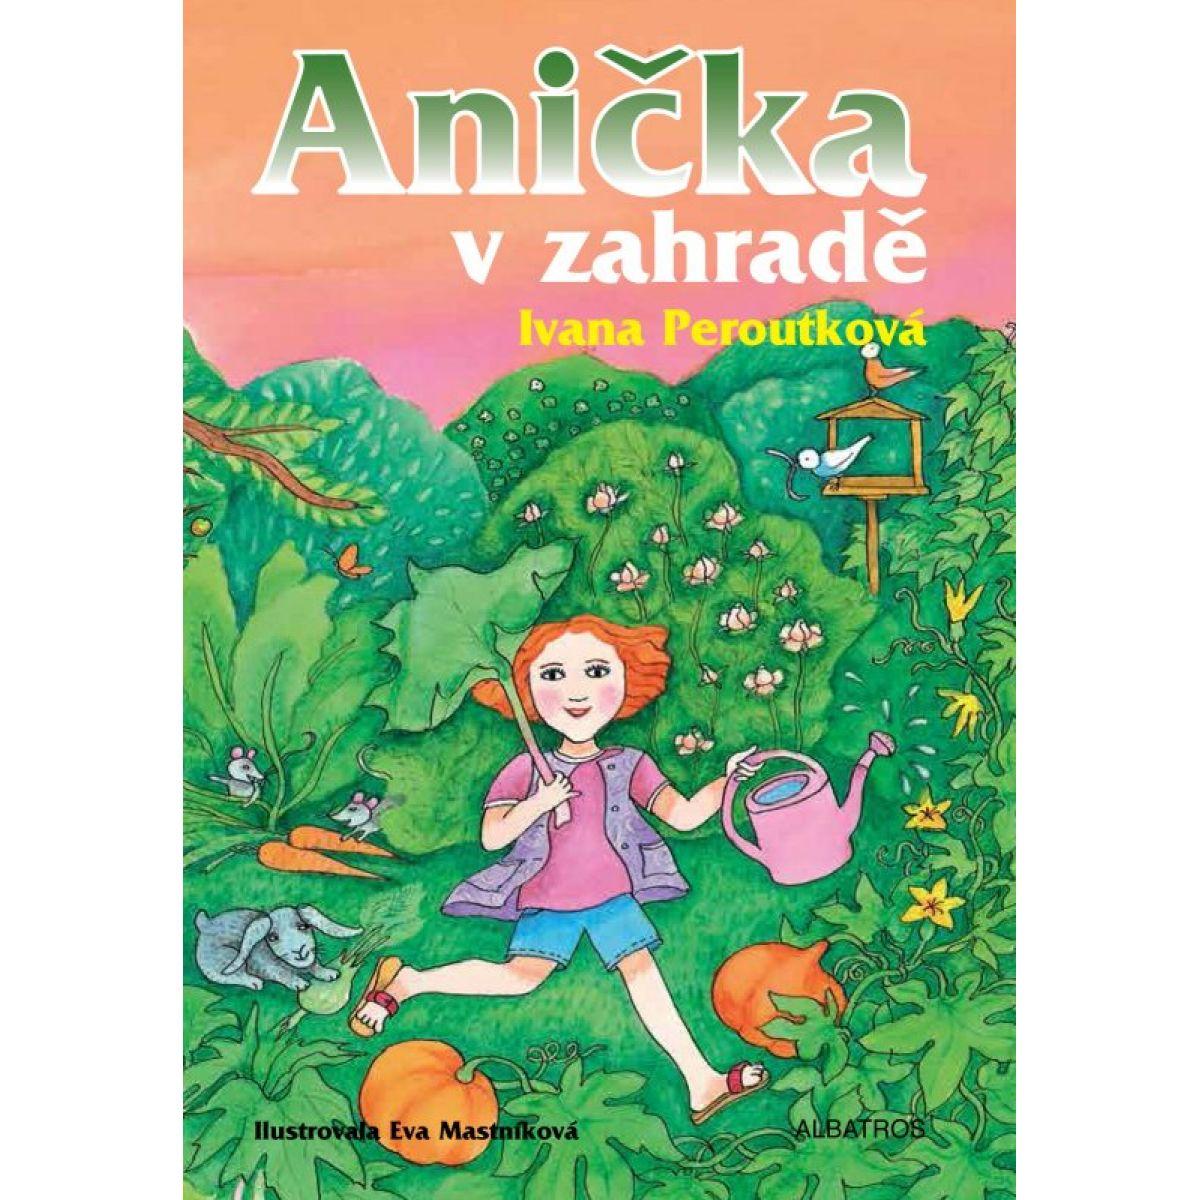 Anička v záhrade Ivana Peroutková CZ